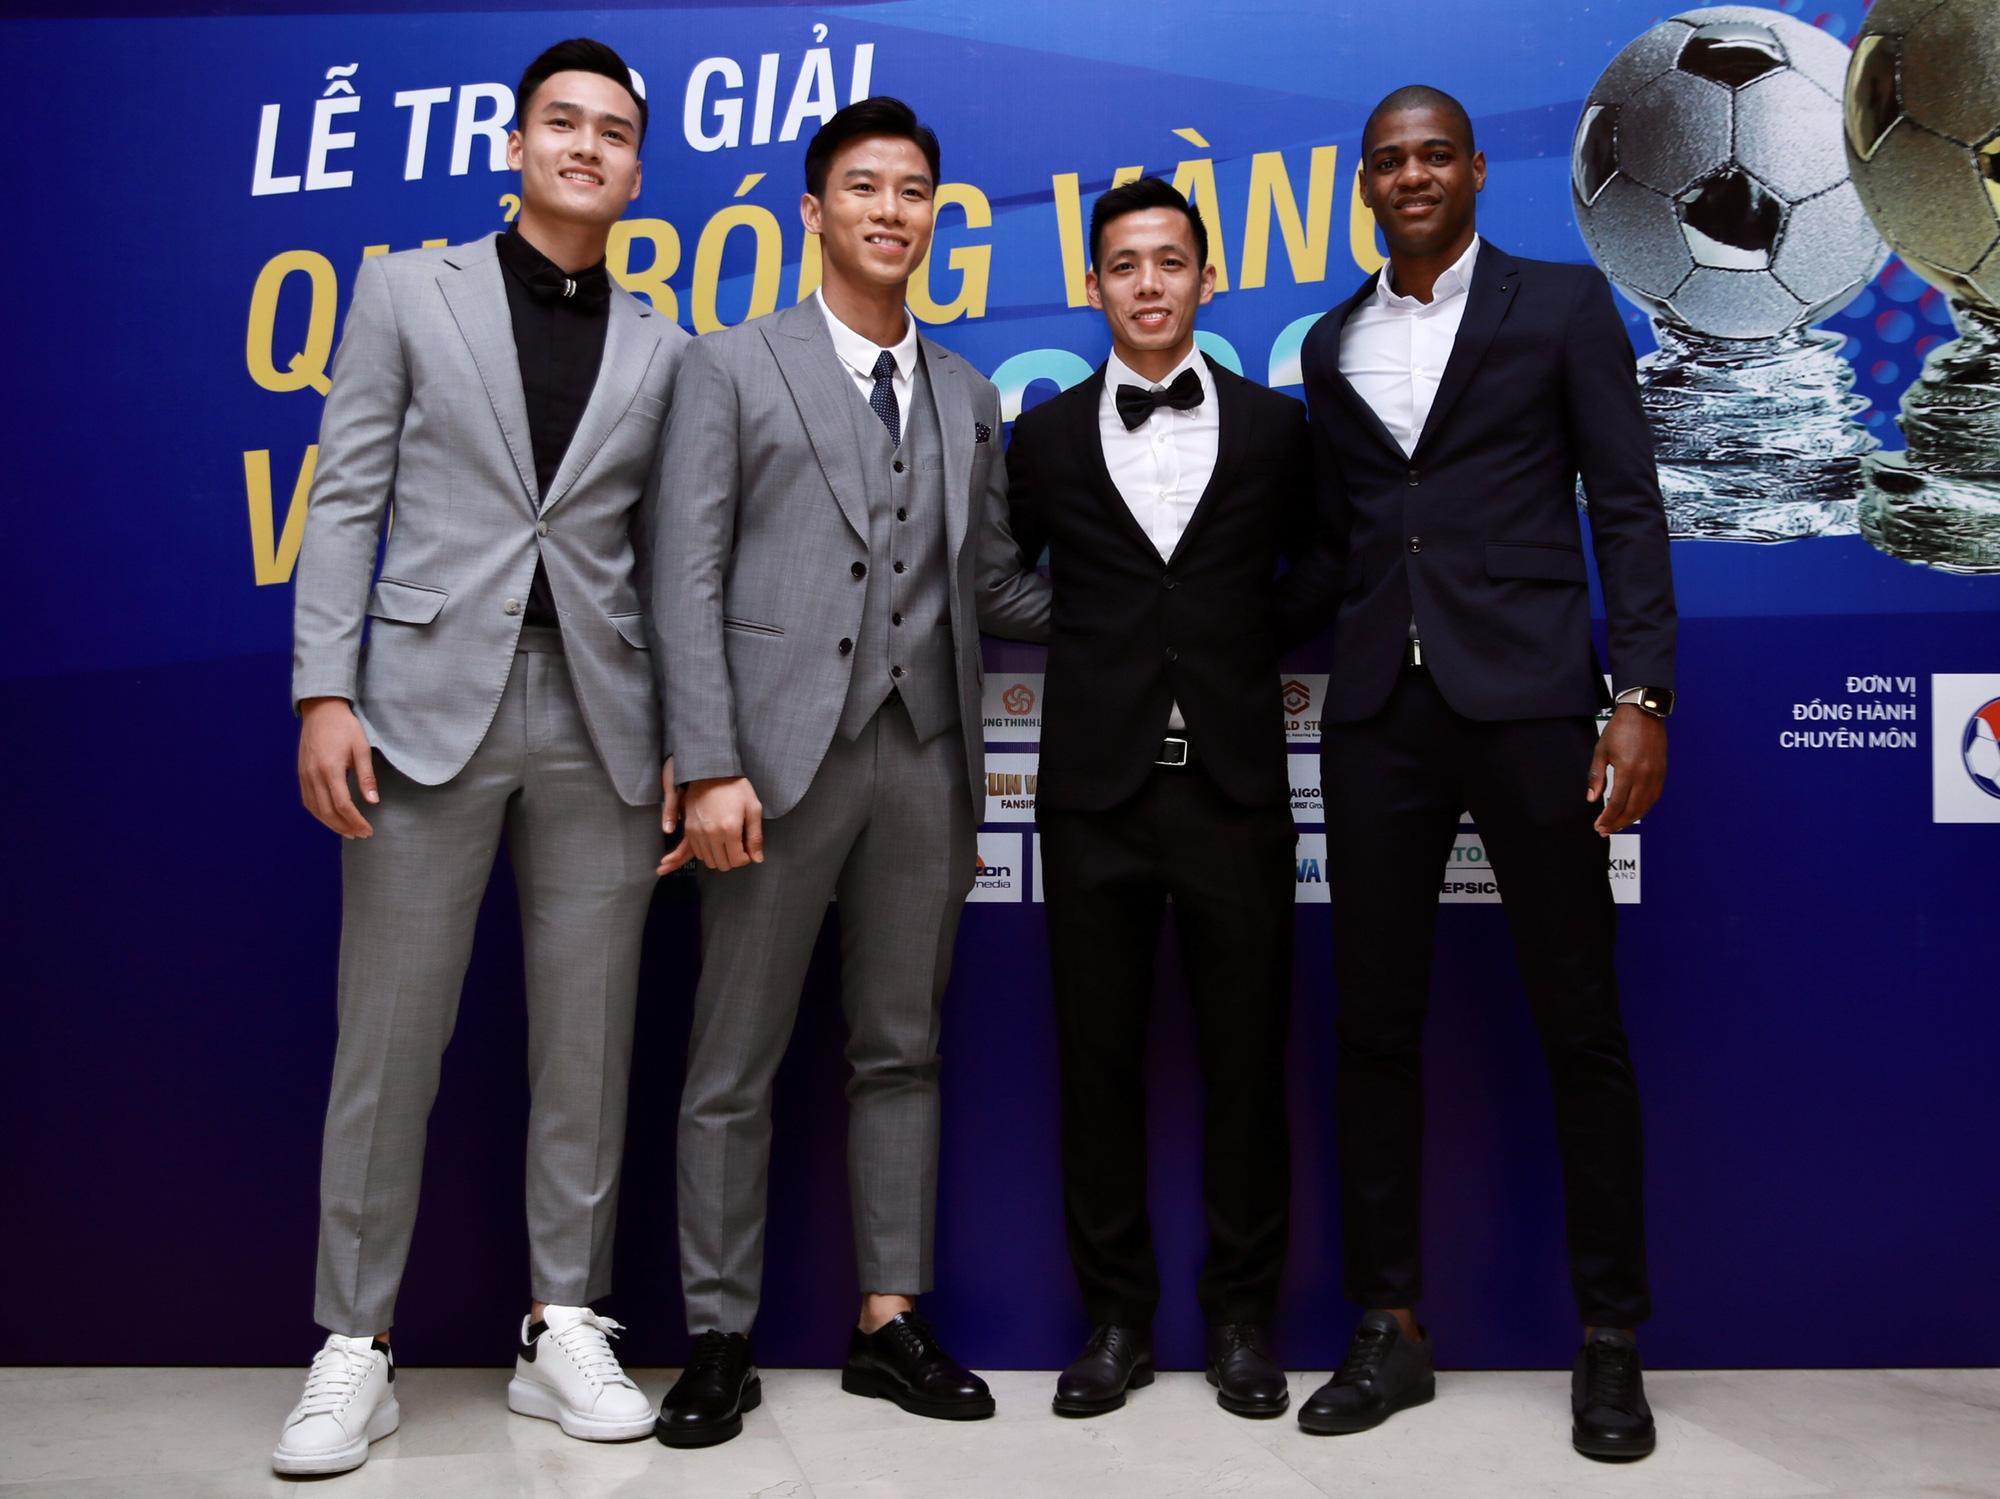 Cầu thủ trẻ Bùi Hoàng Việt Anh được vinh danh - Ảnh 4.